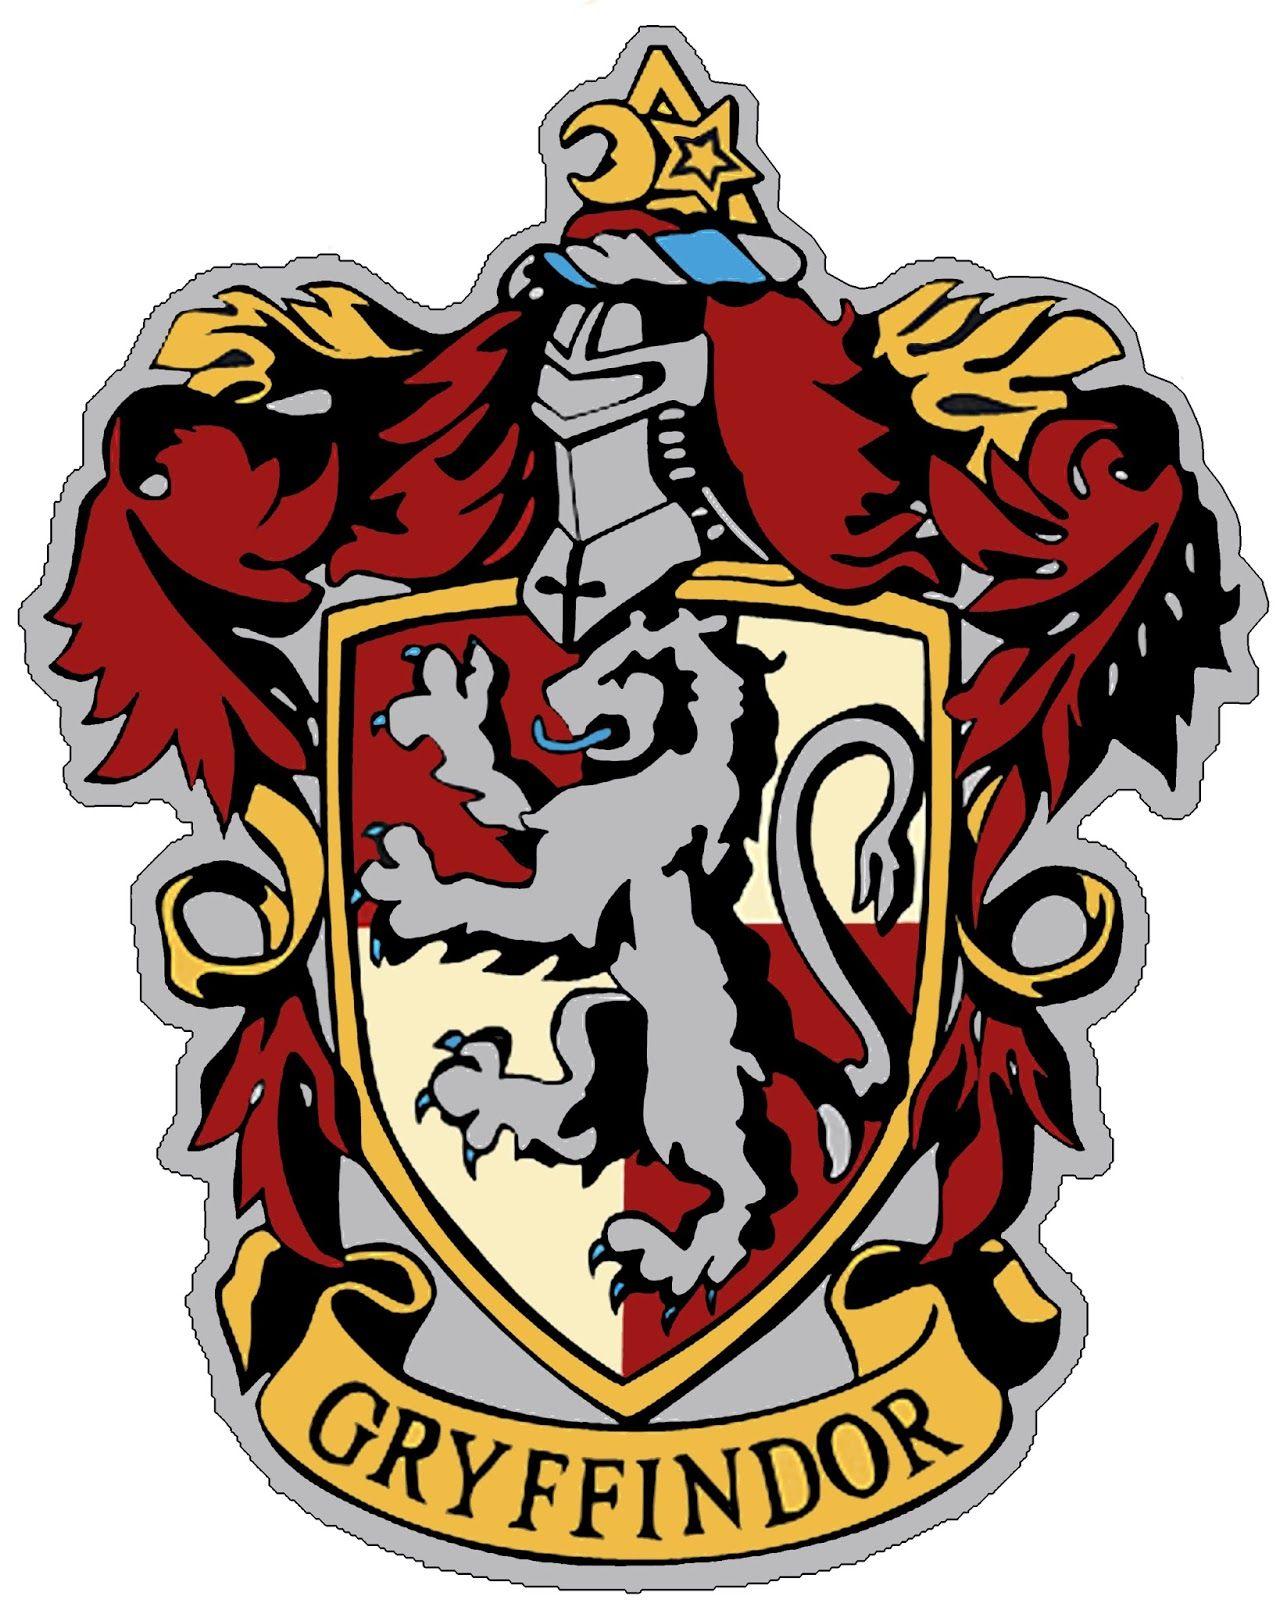 photograph regarding Gryffindor Crest Printable named Hogwarts Home Banner Do it yourself! Harry Potter 7 days! harry potter